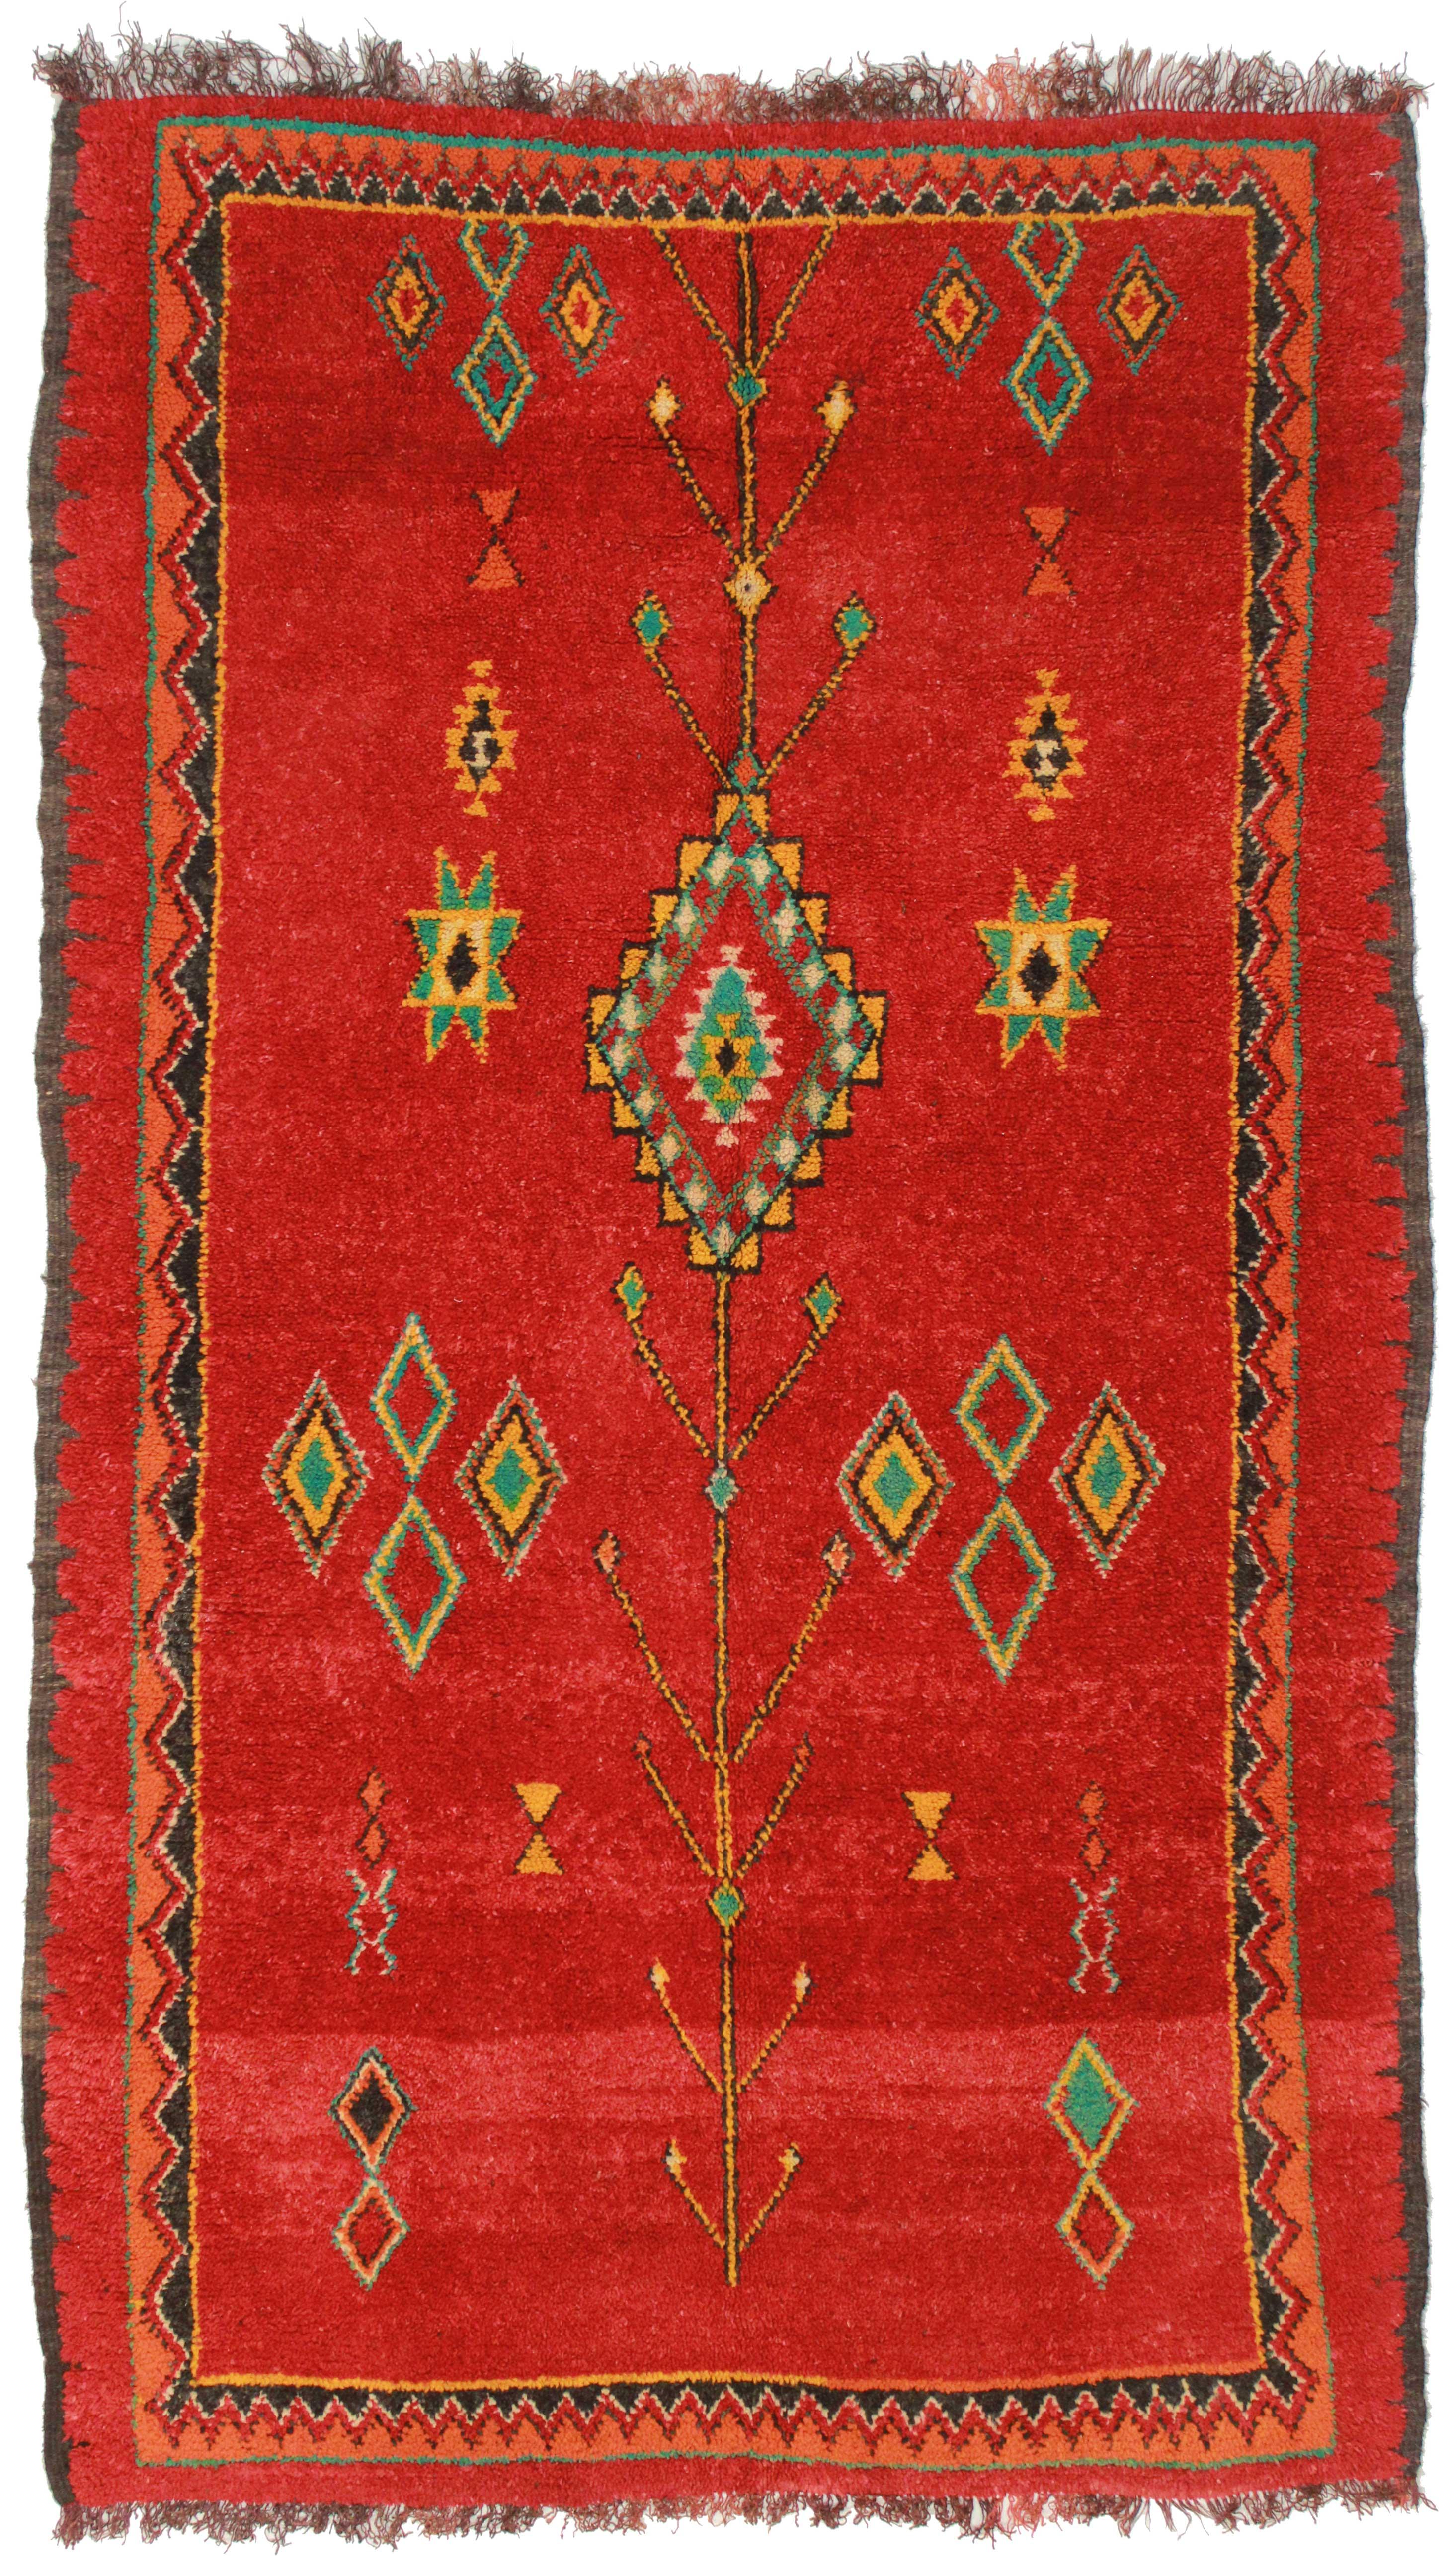 5 X 8 Vintage Moroccan Wool Rug 14336 Exclusive Oriental Rugs